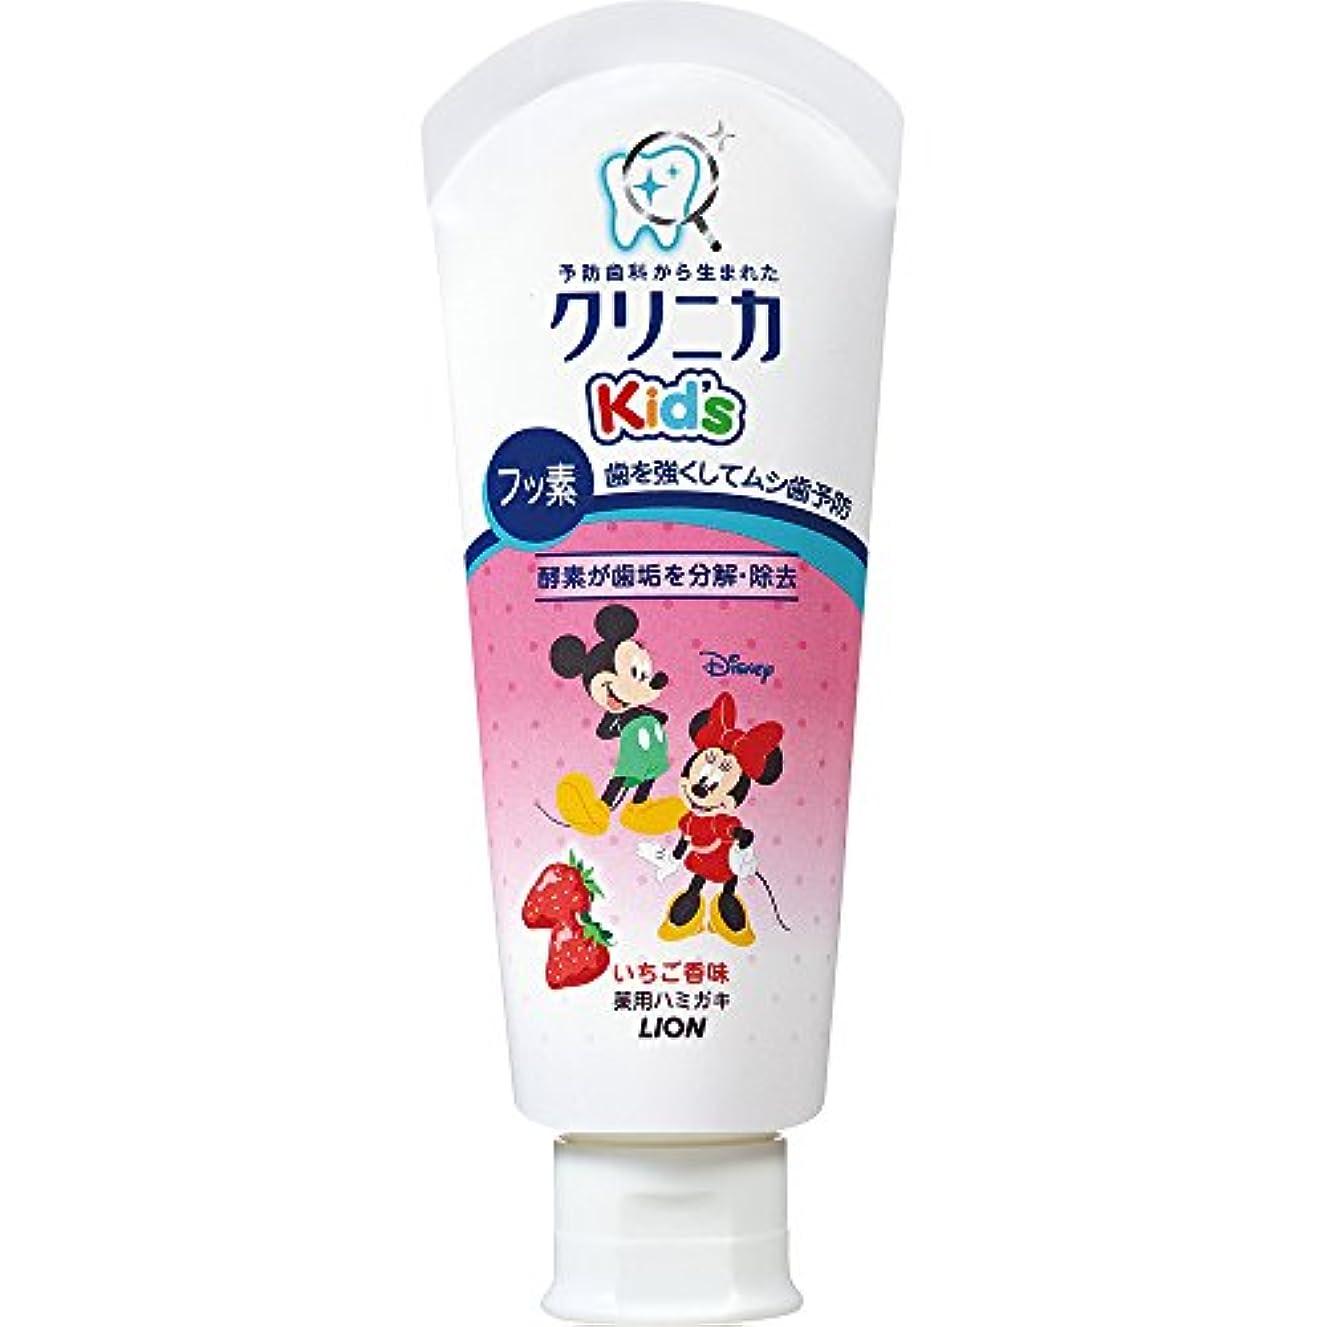 クリニカKid'sハミガキ いちご 60g (医薬部外品)